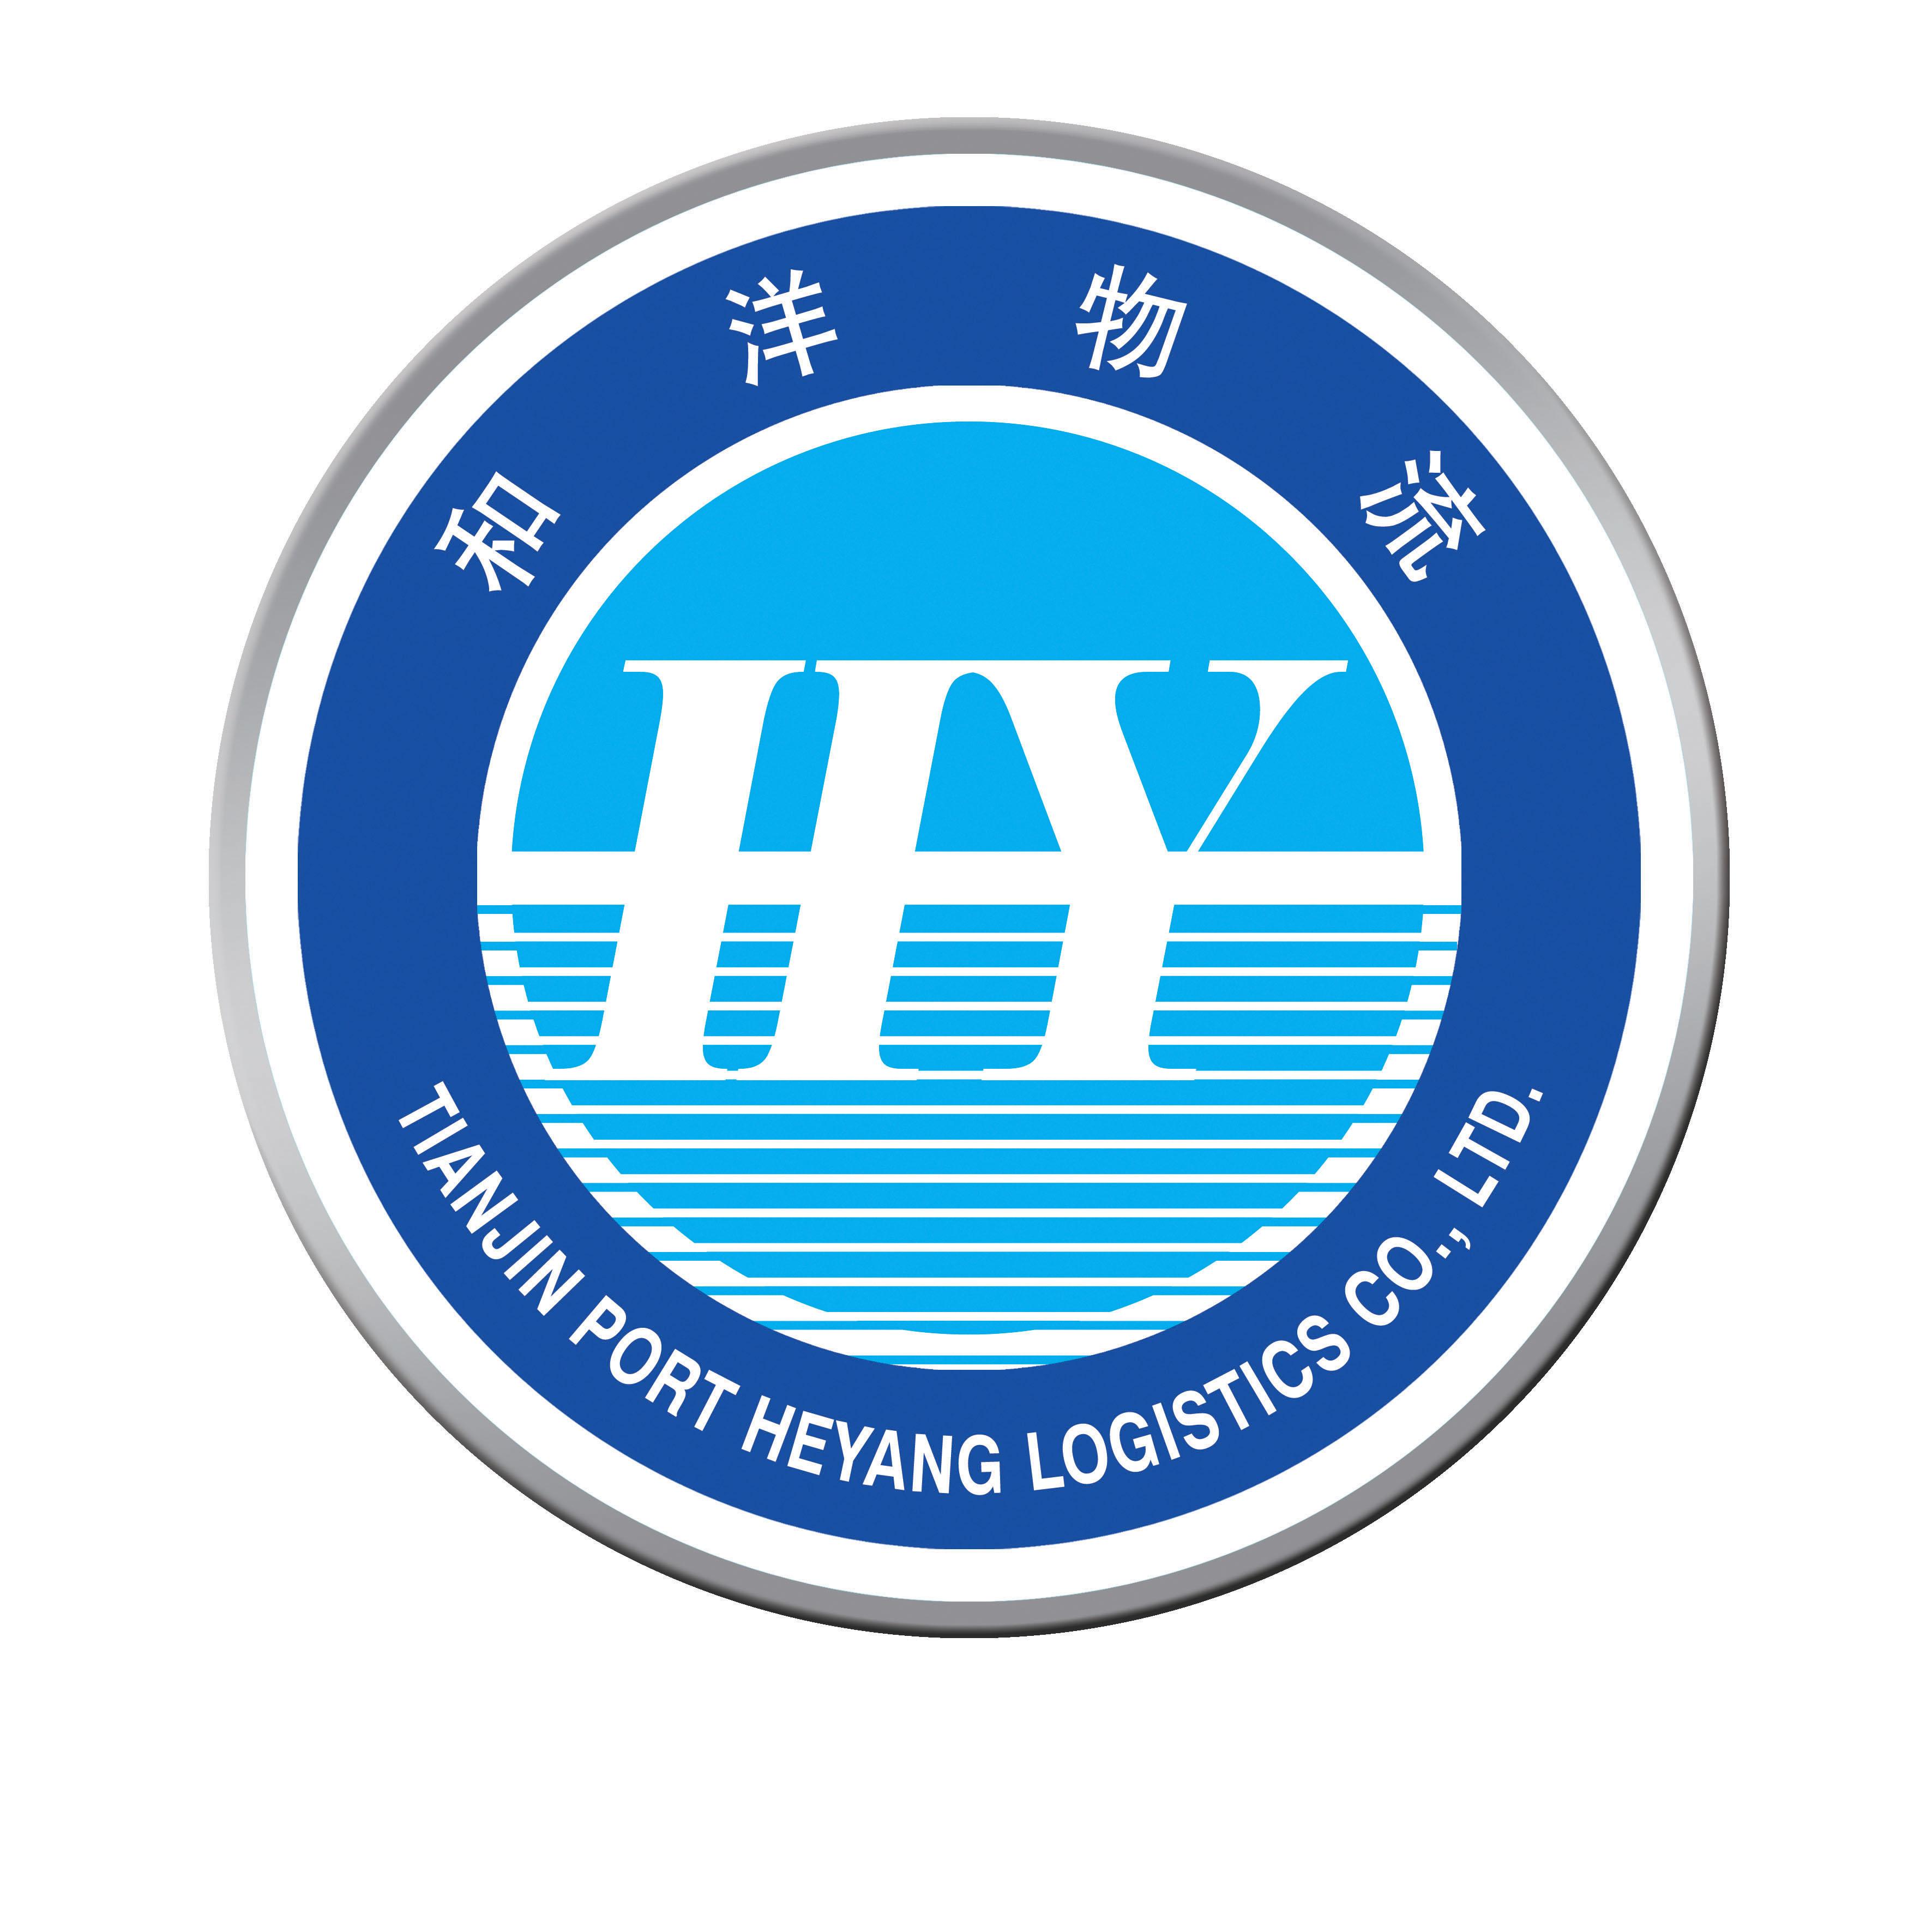 天津港物流有限公�_BreakbulkAsia-天津港和洋物流有限公司